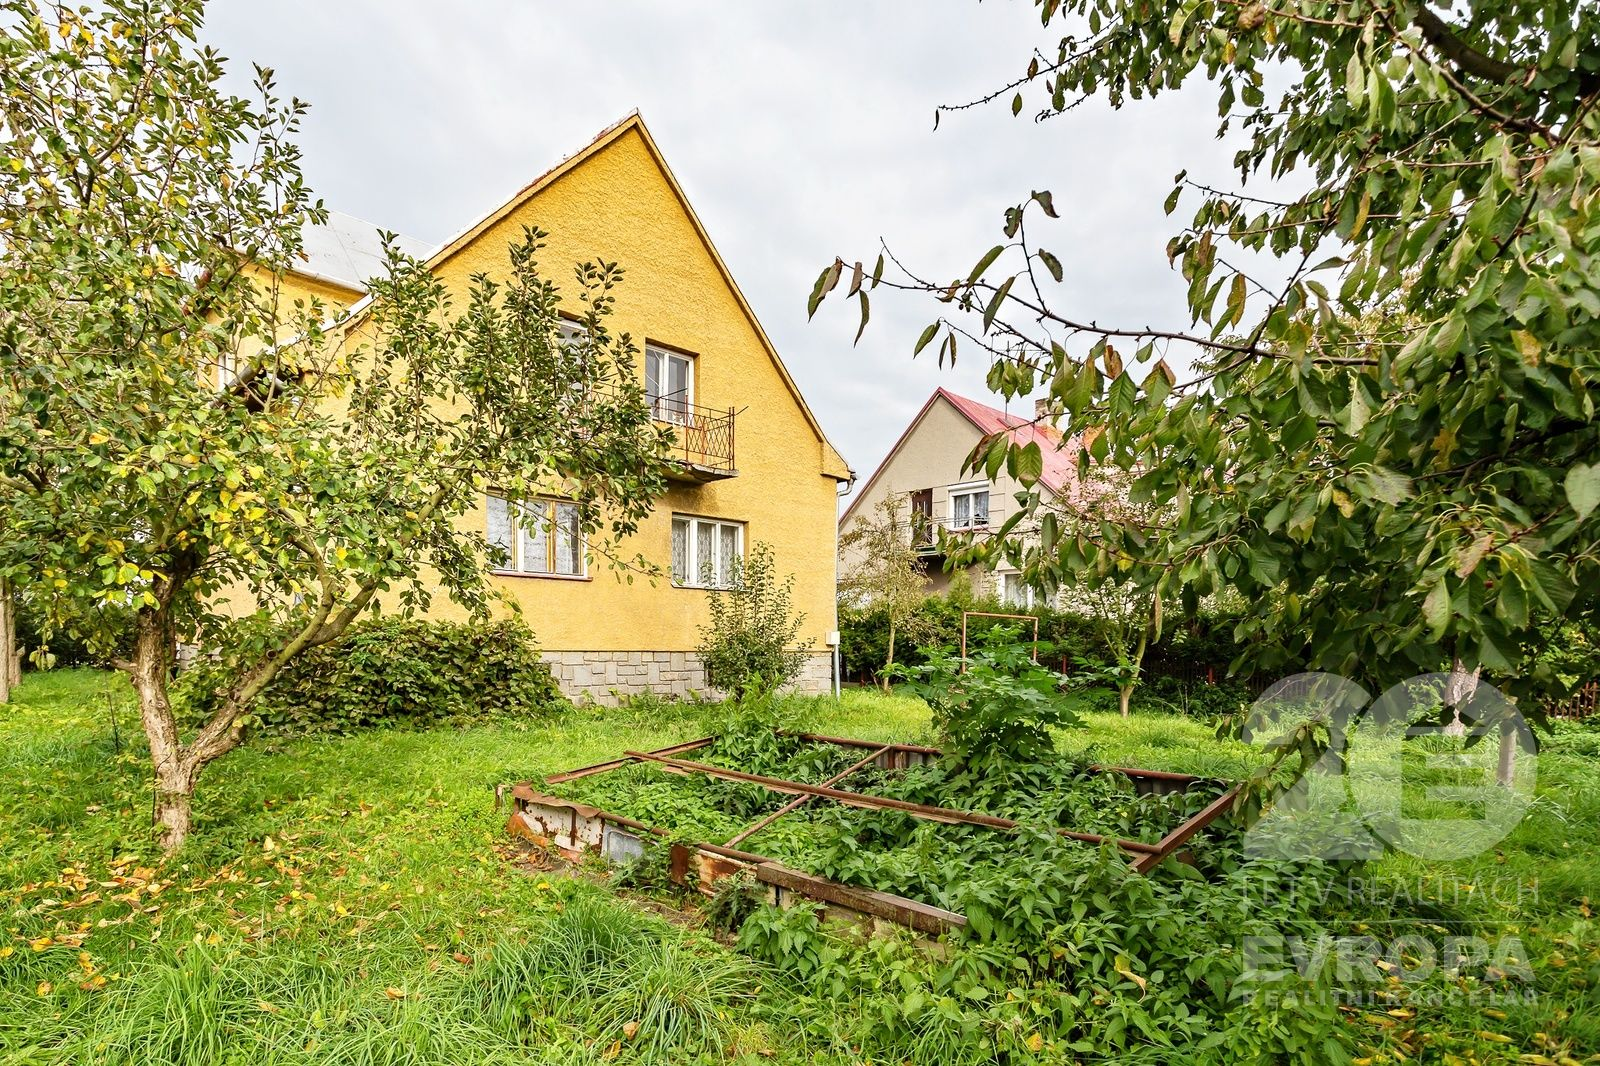 Prodej podsklepeného RD 6+1, 148,6 m2, s pozemkem 897 m2, Studénka, ul. Panská